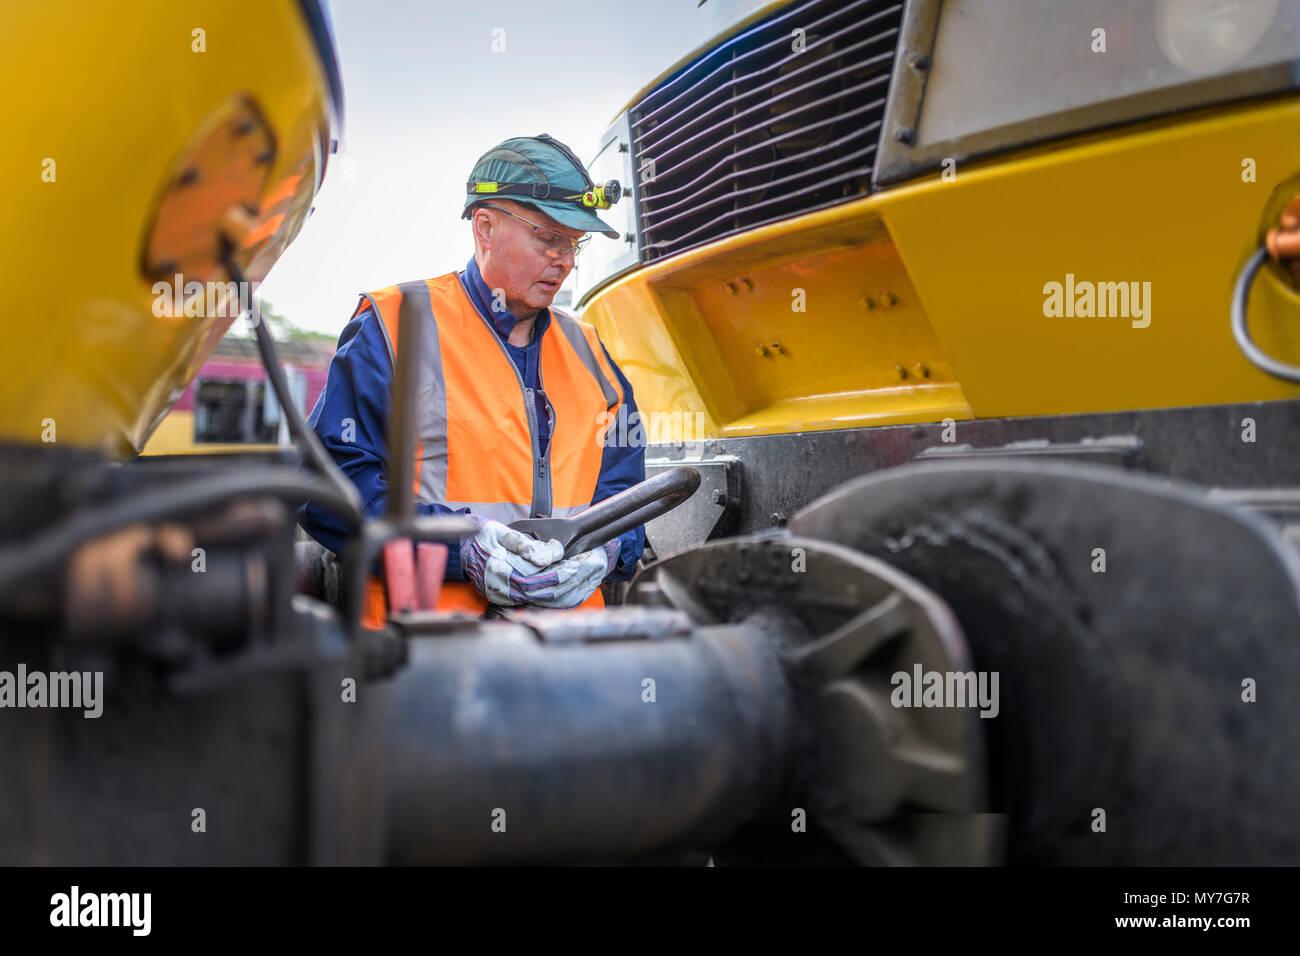 Ingegnere di agganciare un locomotore di un altro treno in fabbrica di ingegneria Immagini Stock